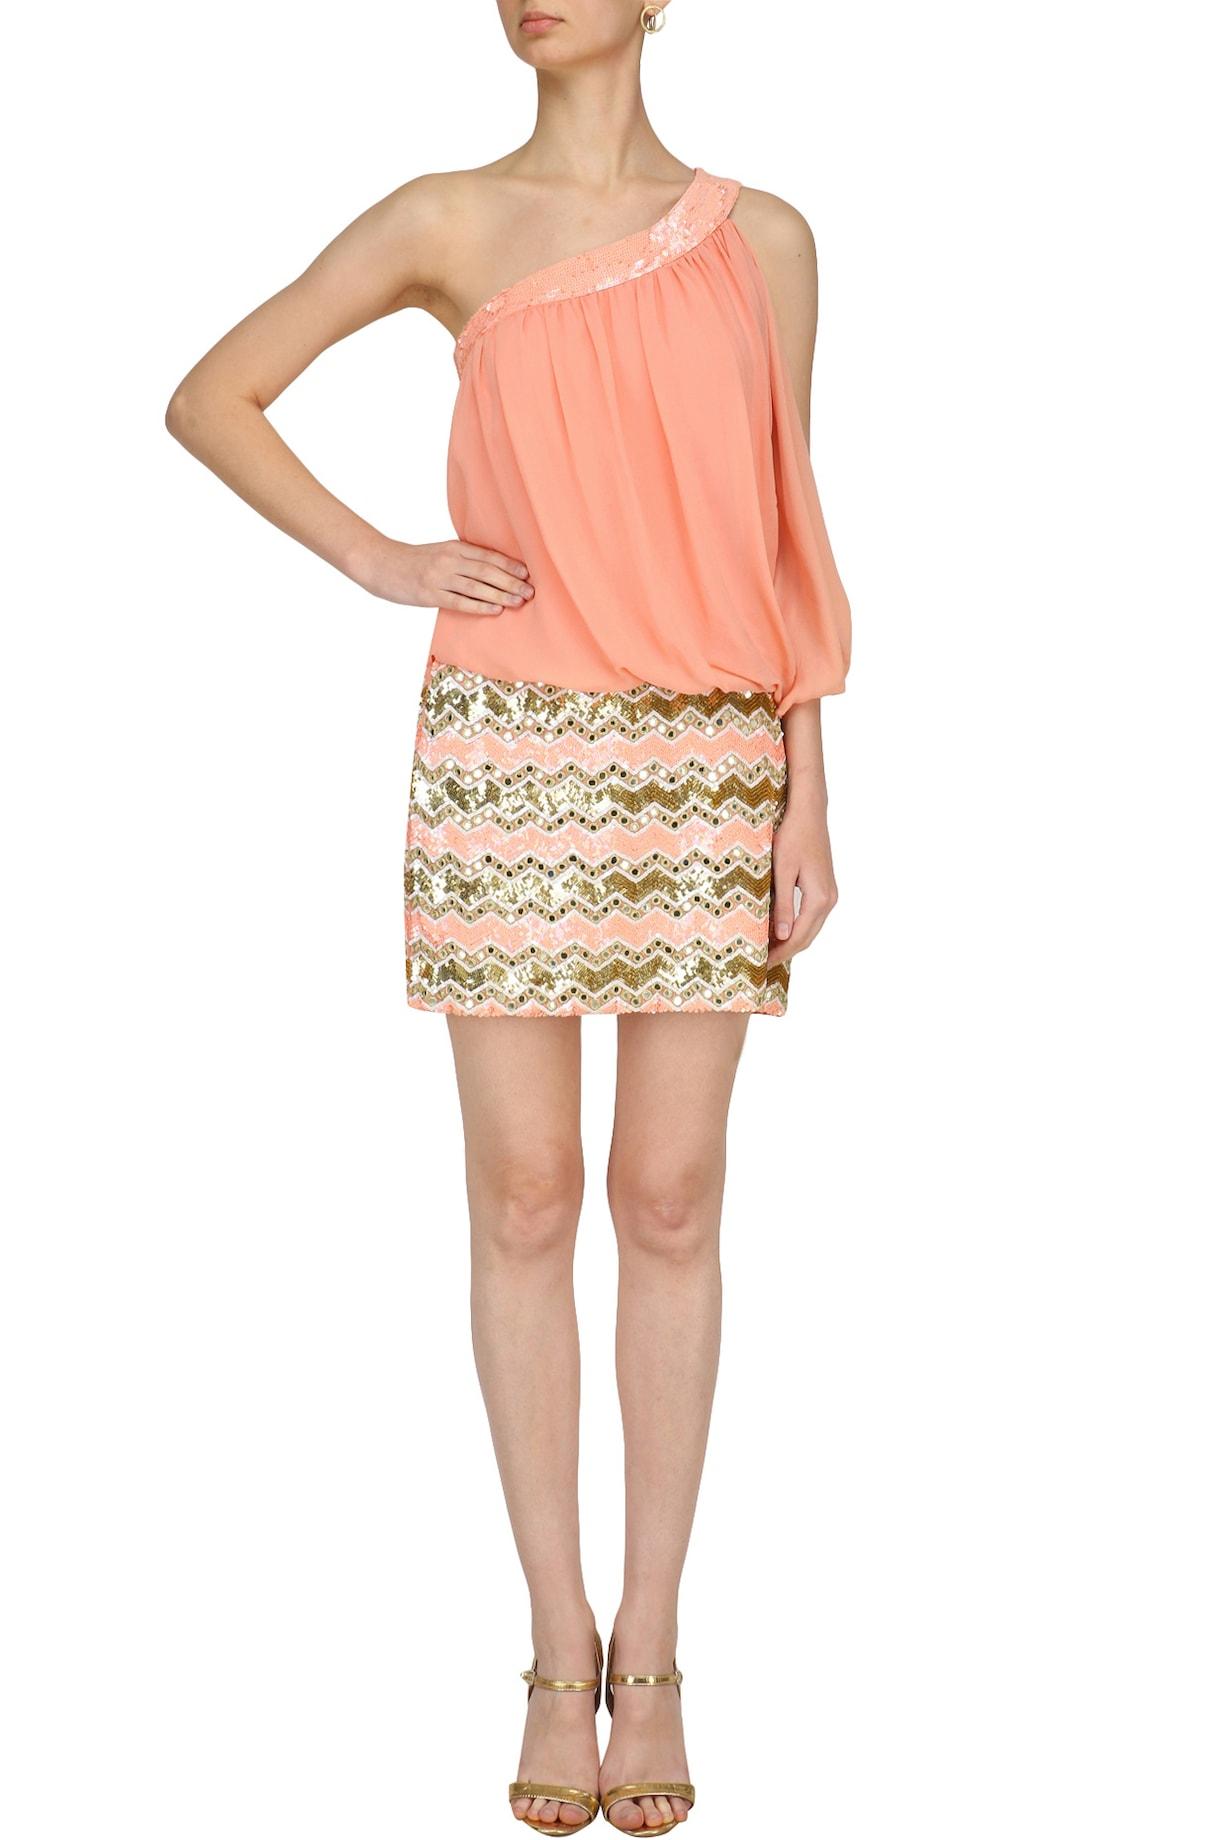 Nandita Mahtani Dresses